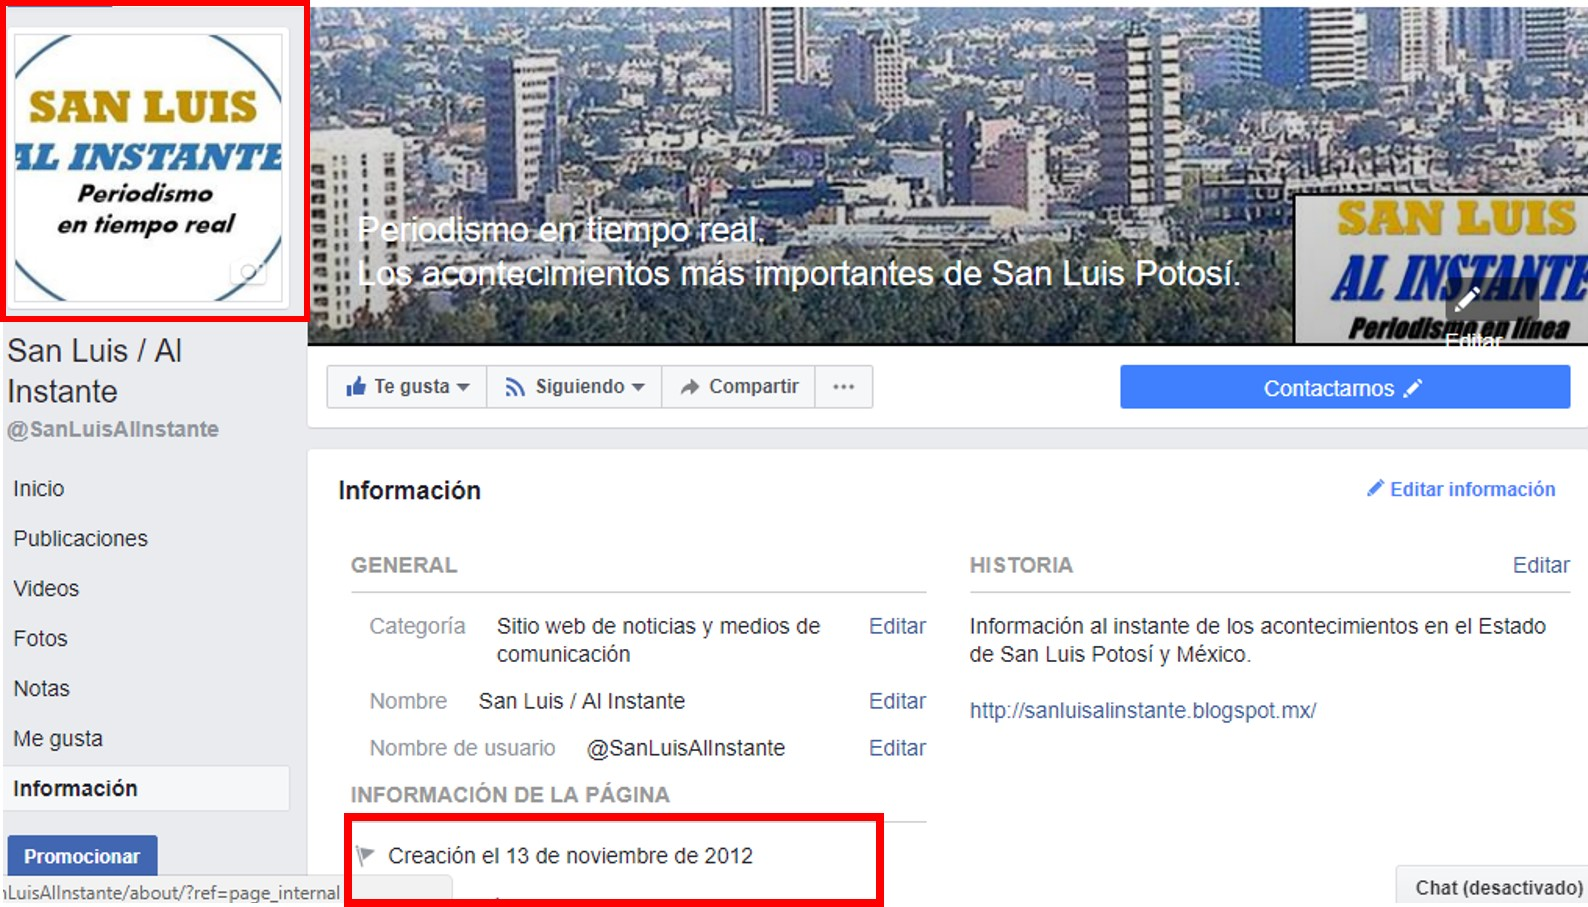 Denunciamos plagio y uso delictivo del nombre de San Luis Al Instante